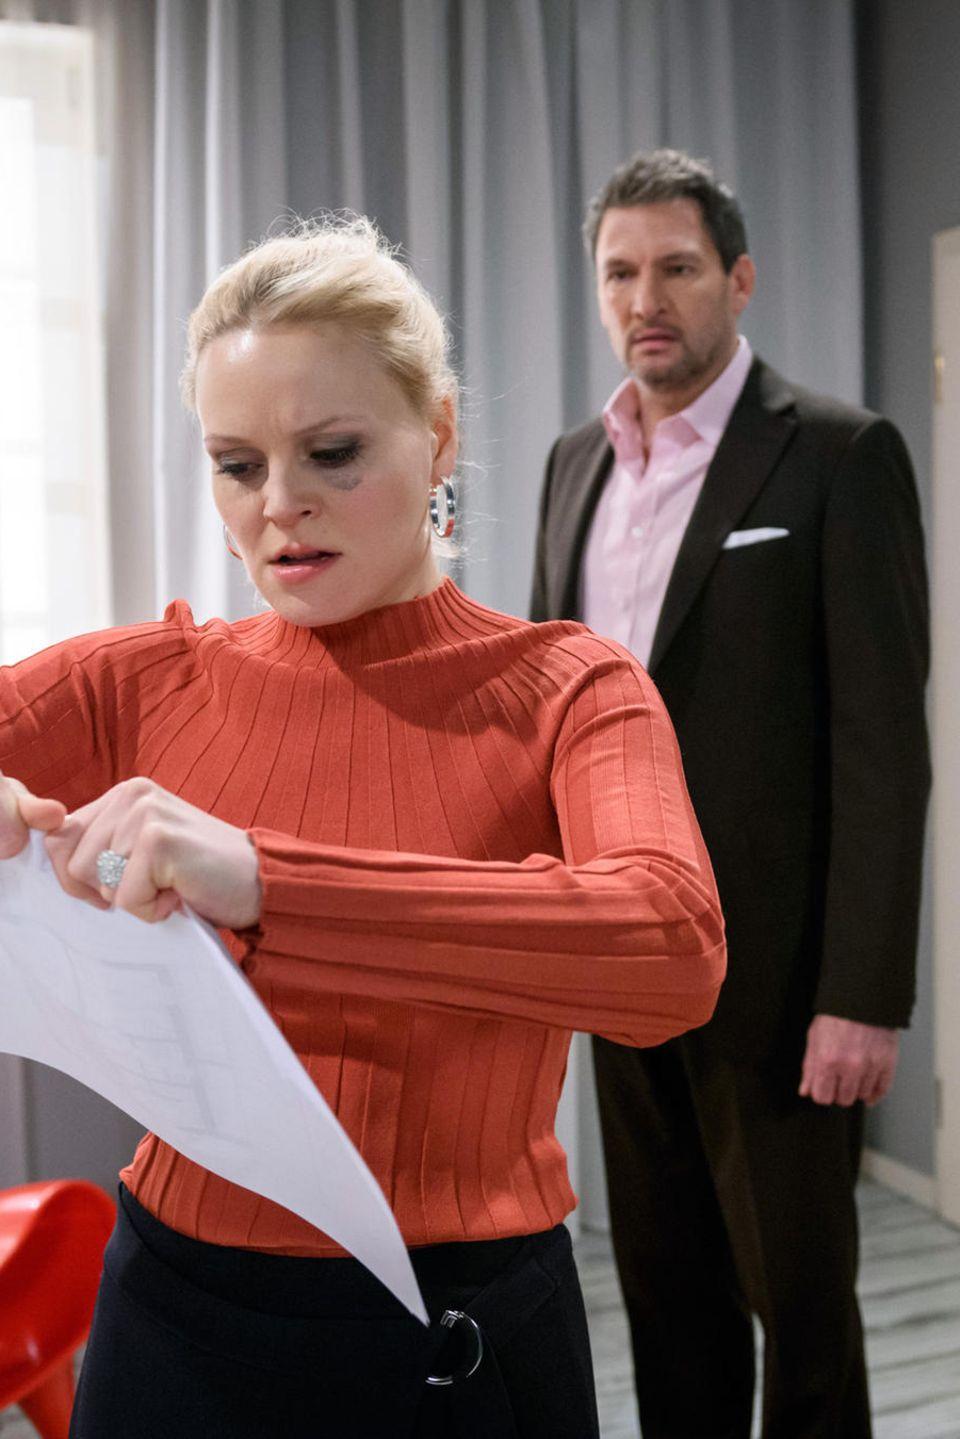 """""""Sturm der Liebe"""": Annabelle (Jenny Löffer) ist aufgebracht. Christoph (Dieter Bach) versucht, sie zu beruhigen. Folge 3132 wird voraussichtlich am Mittwoch, den 24. April 2019 ausgestrahlt."""